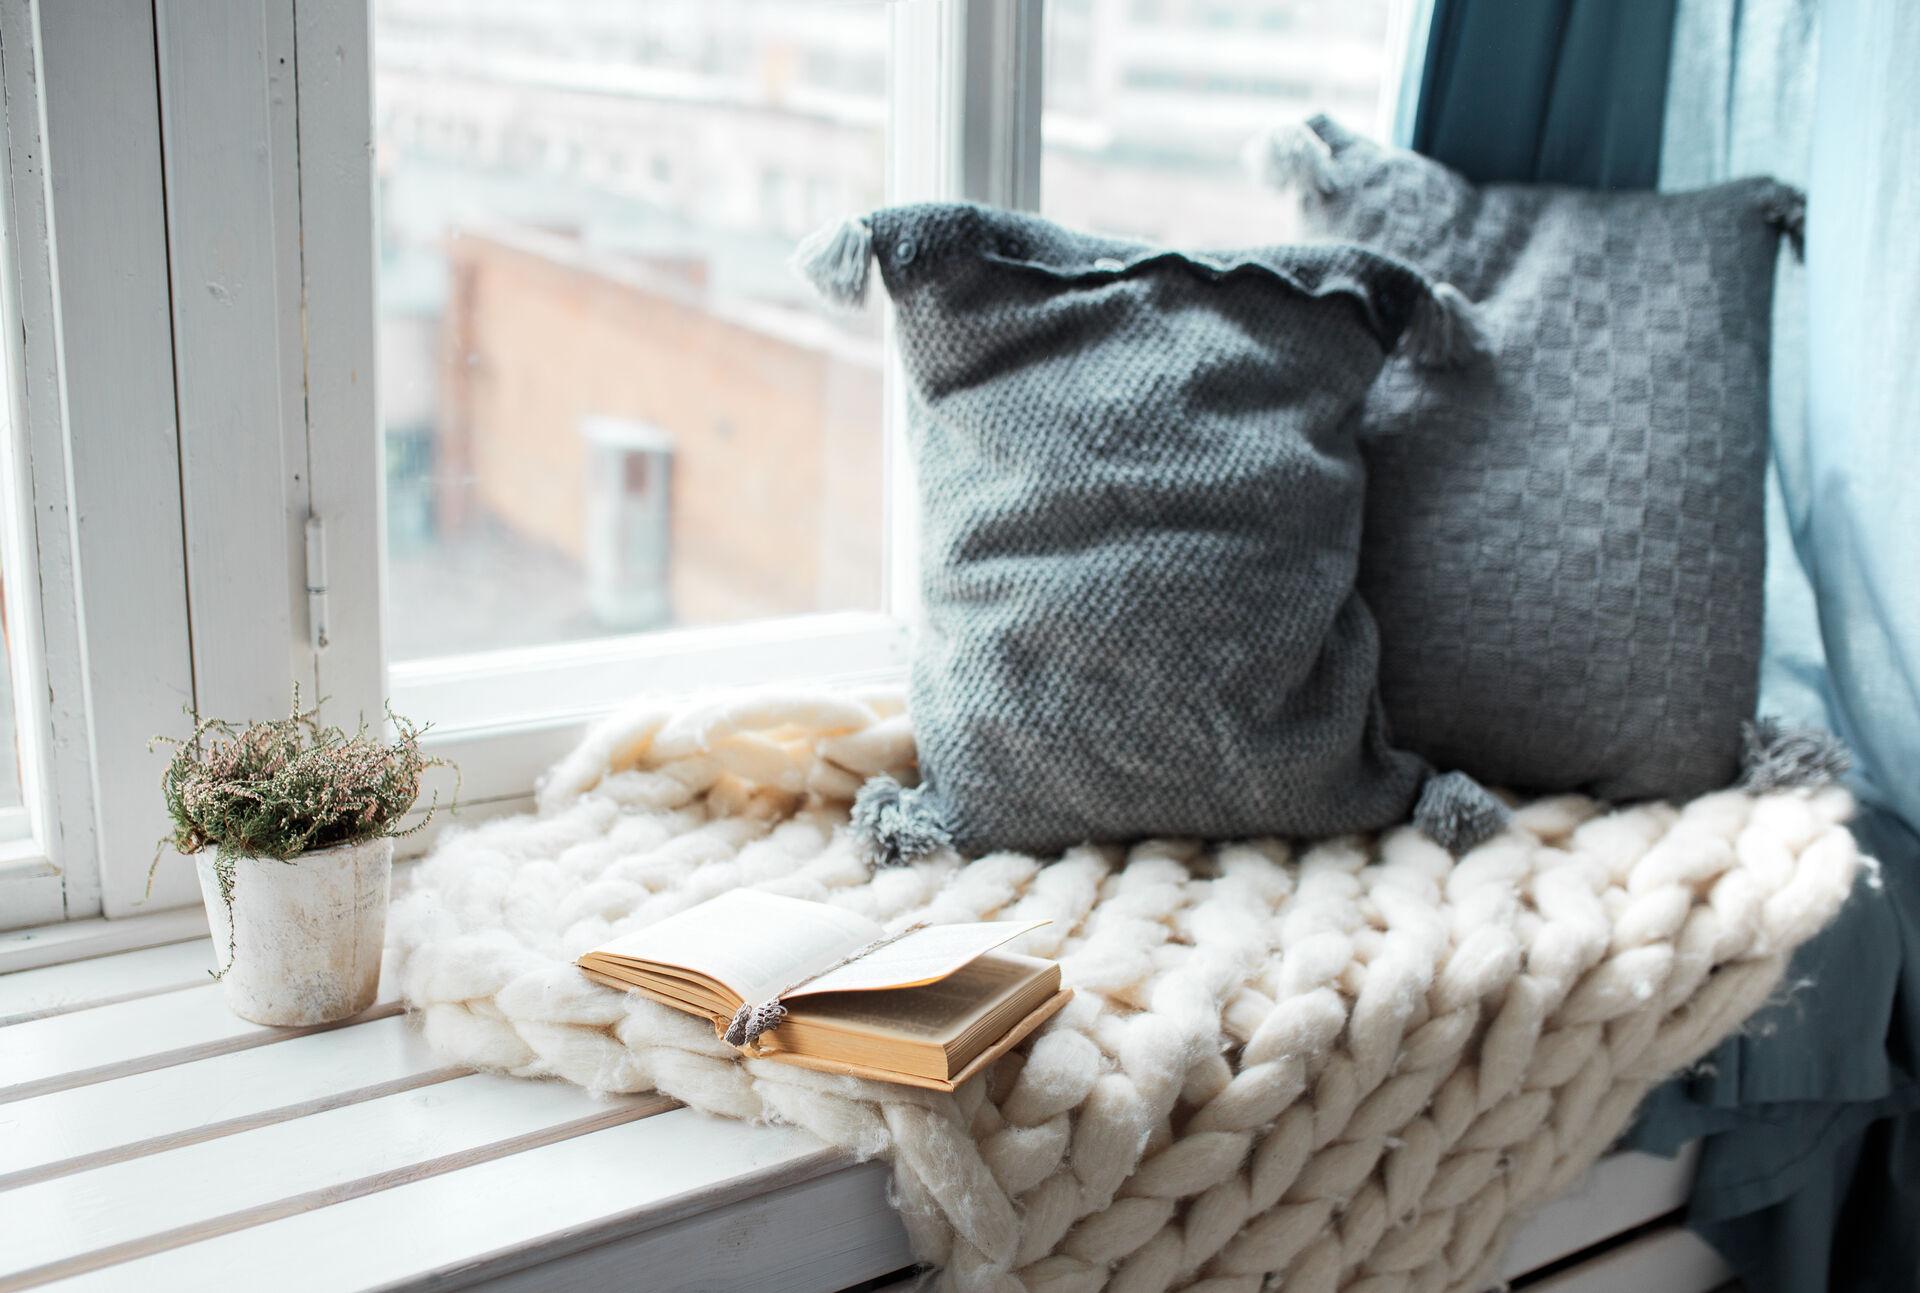 Gemütlich zu Hause - 10 Dinge gegen Langeweile